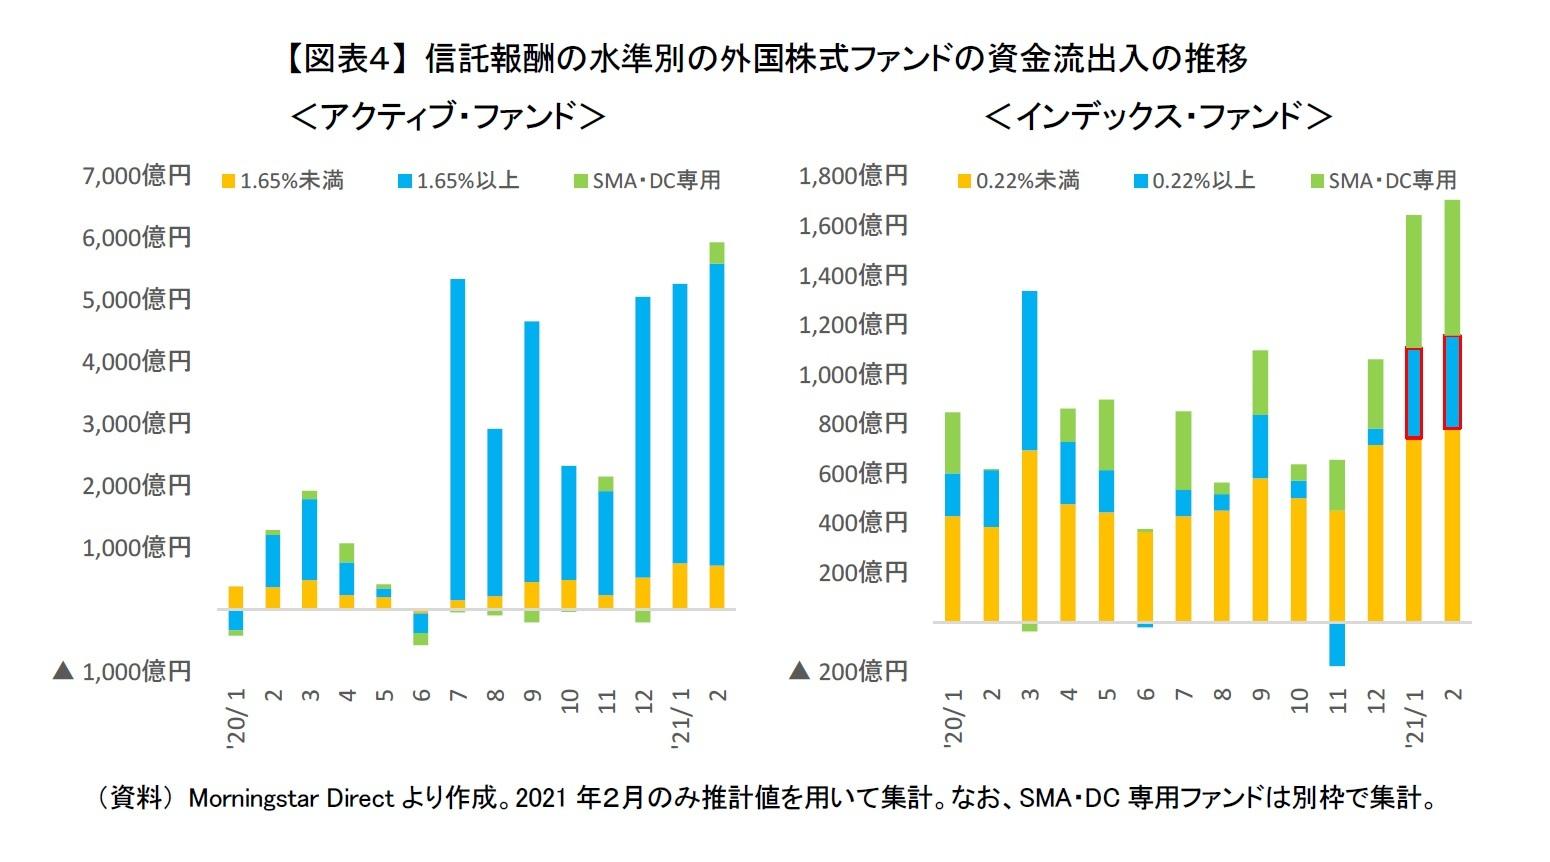 【図表4】 信託報酬の水準別の外国株式ファンドの資金流出入の推移